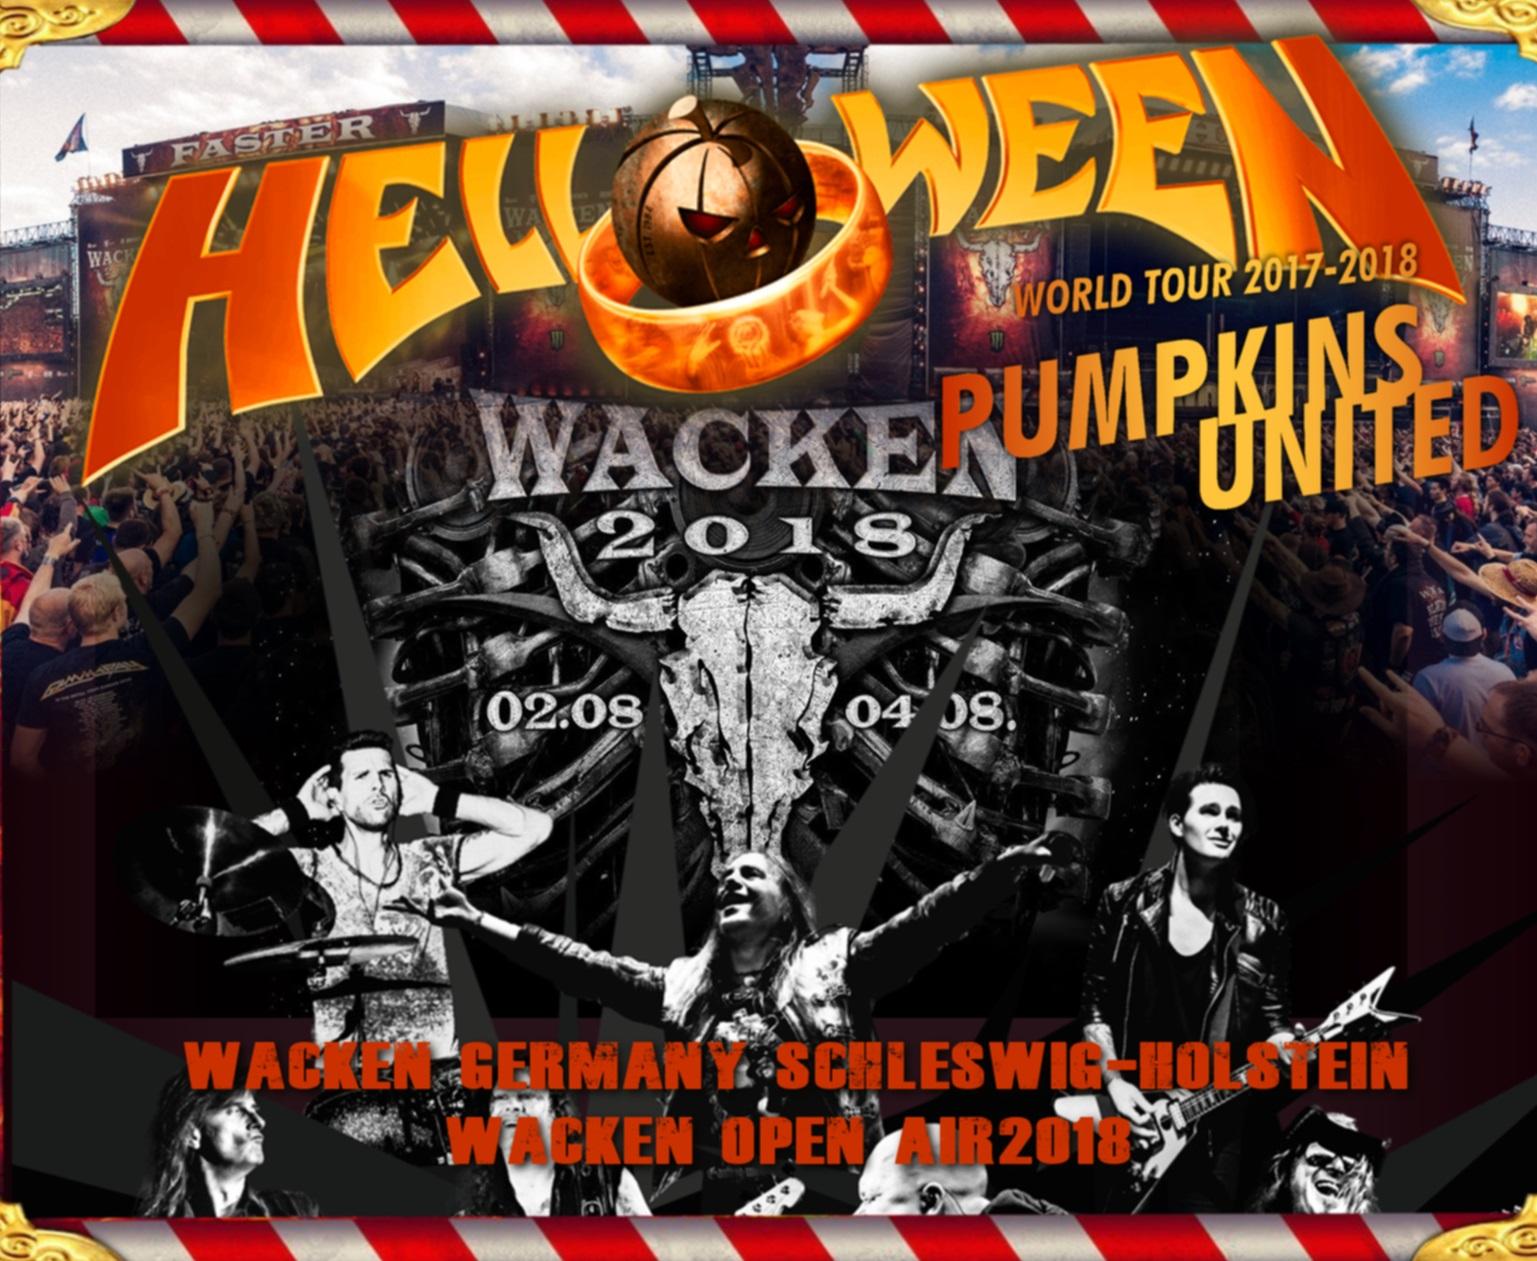 コレクターズCD Helloween - Pumpkins United Jaoan Tour 2018 [Wacken Open Air]